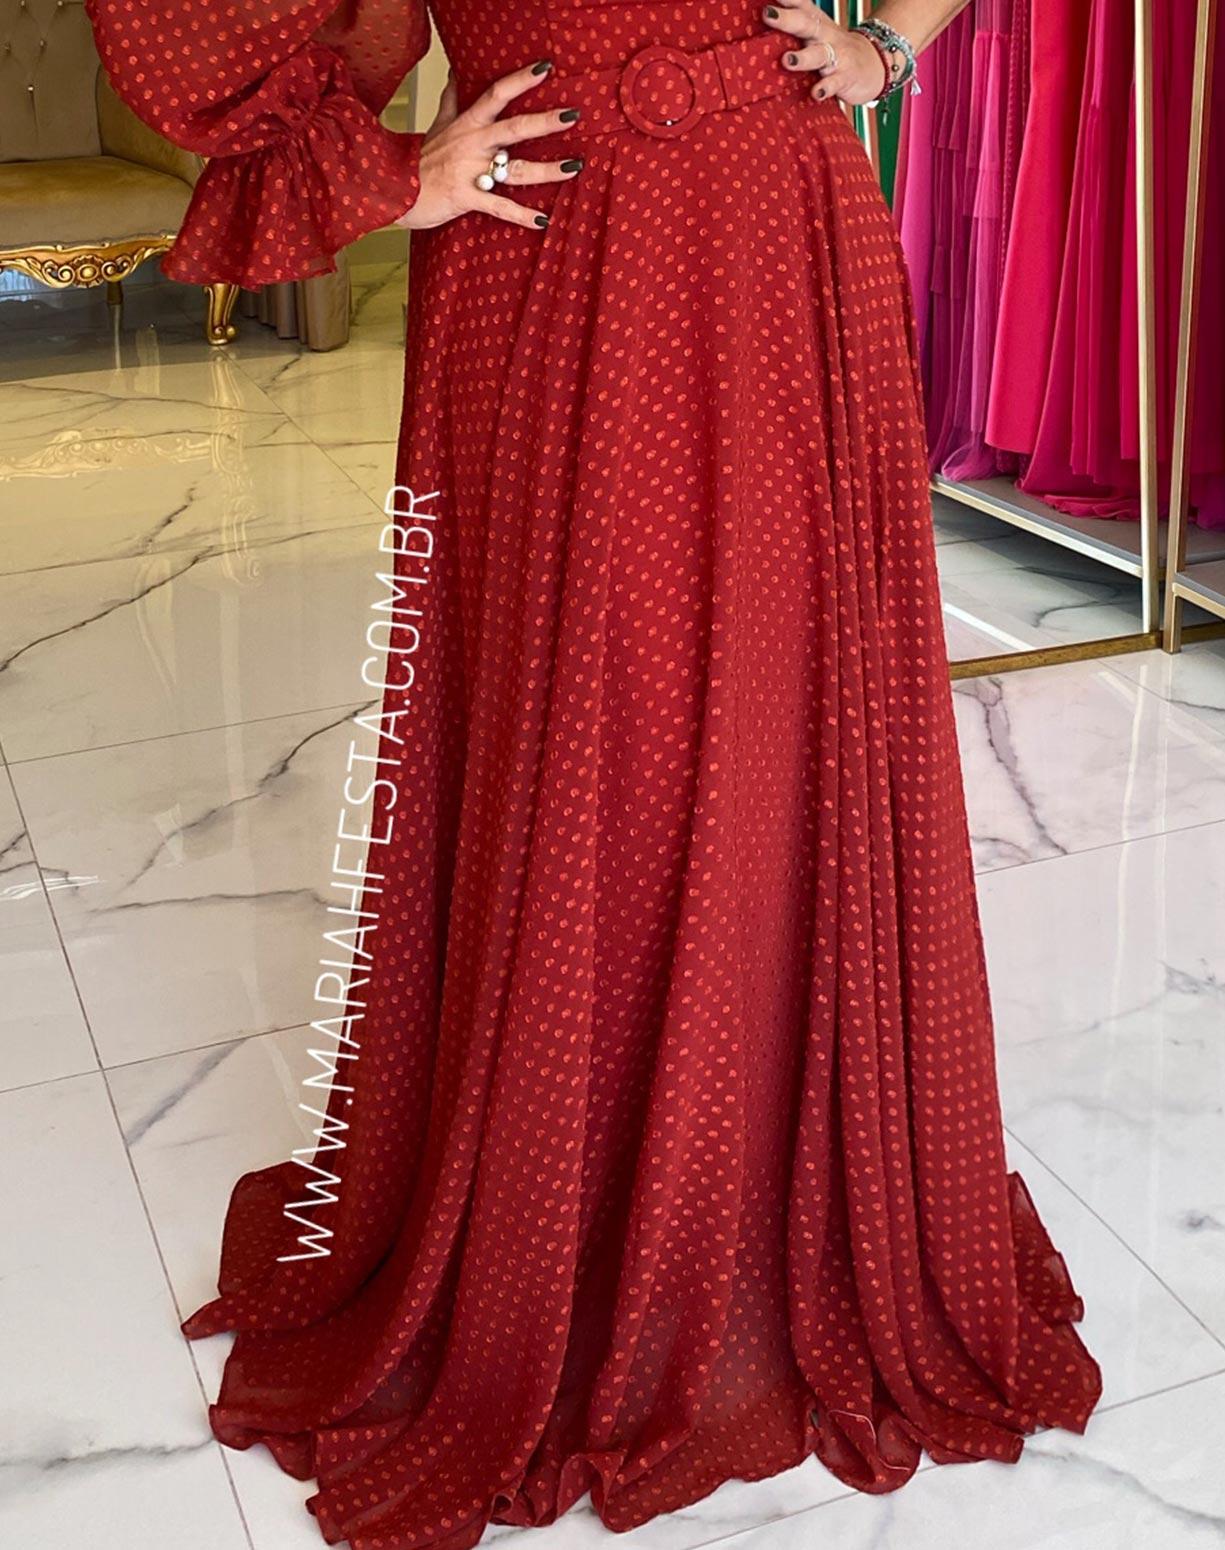 Vestido Terracota (avermelhado) de um Ombro Só Texturizado